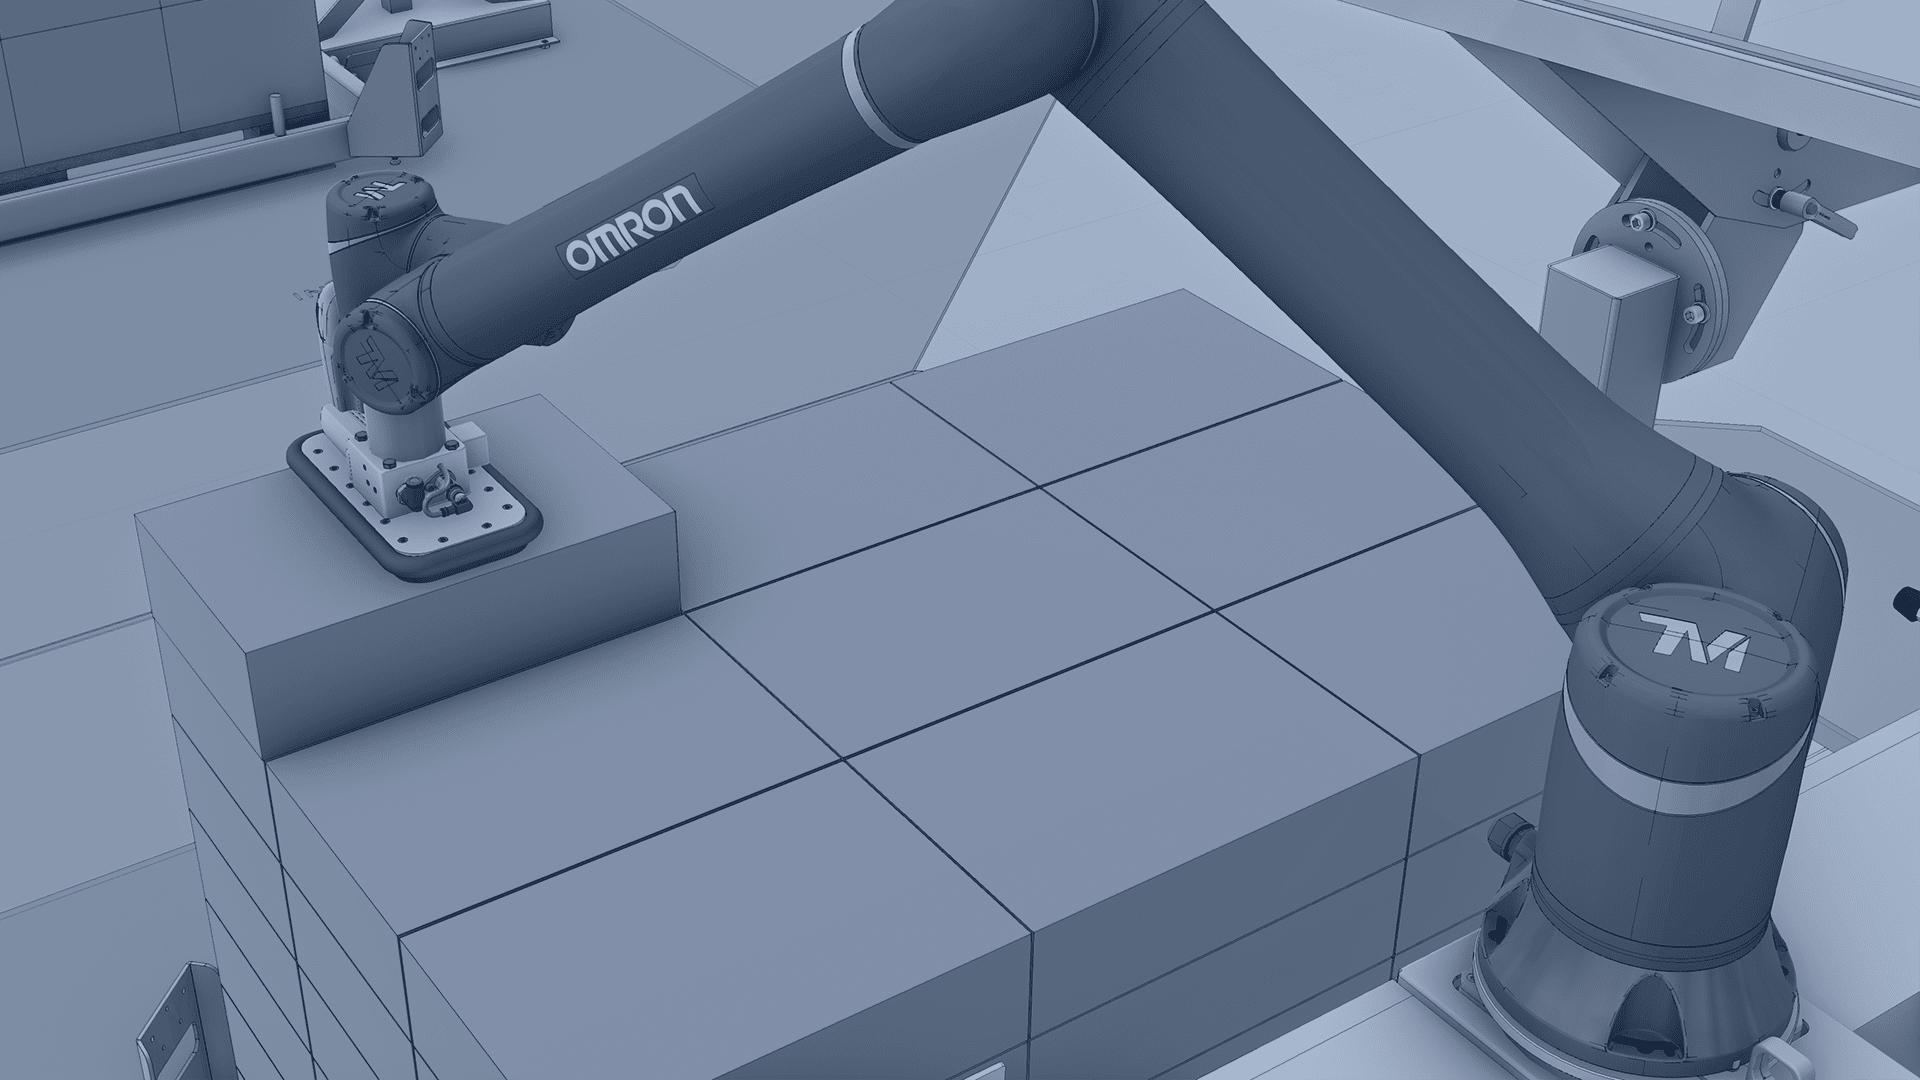 Robot Colaborativo de Omron Paletizando